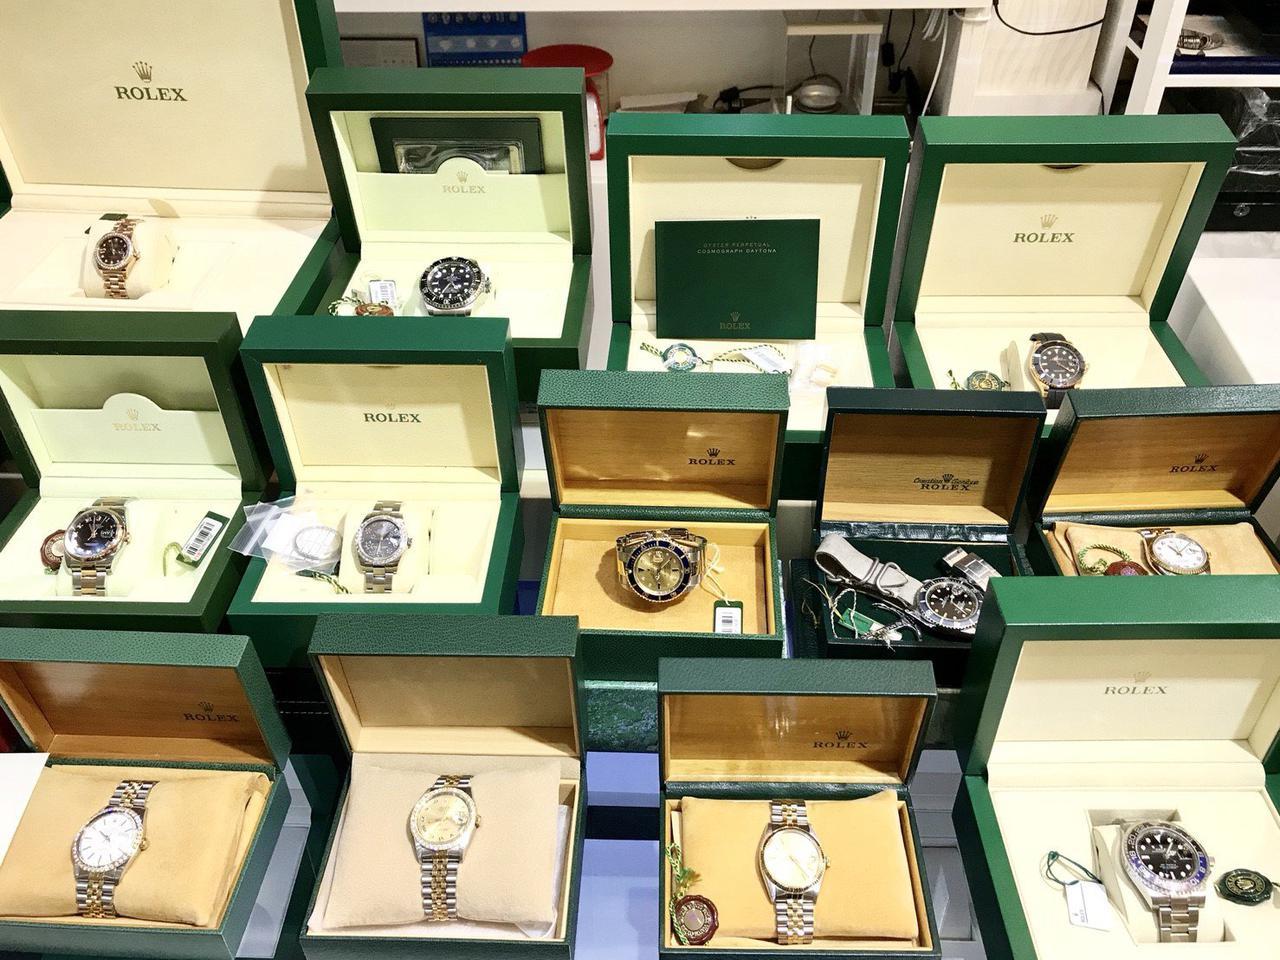 DIMO รับฝากขาย รับซื้อนาฬิกาแบรนด์เนมมือสองของแท้ ราคายุติธรรม รูปที่ 6